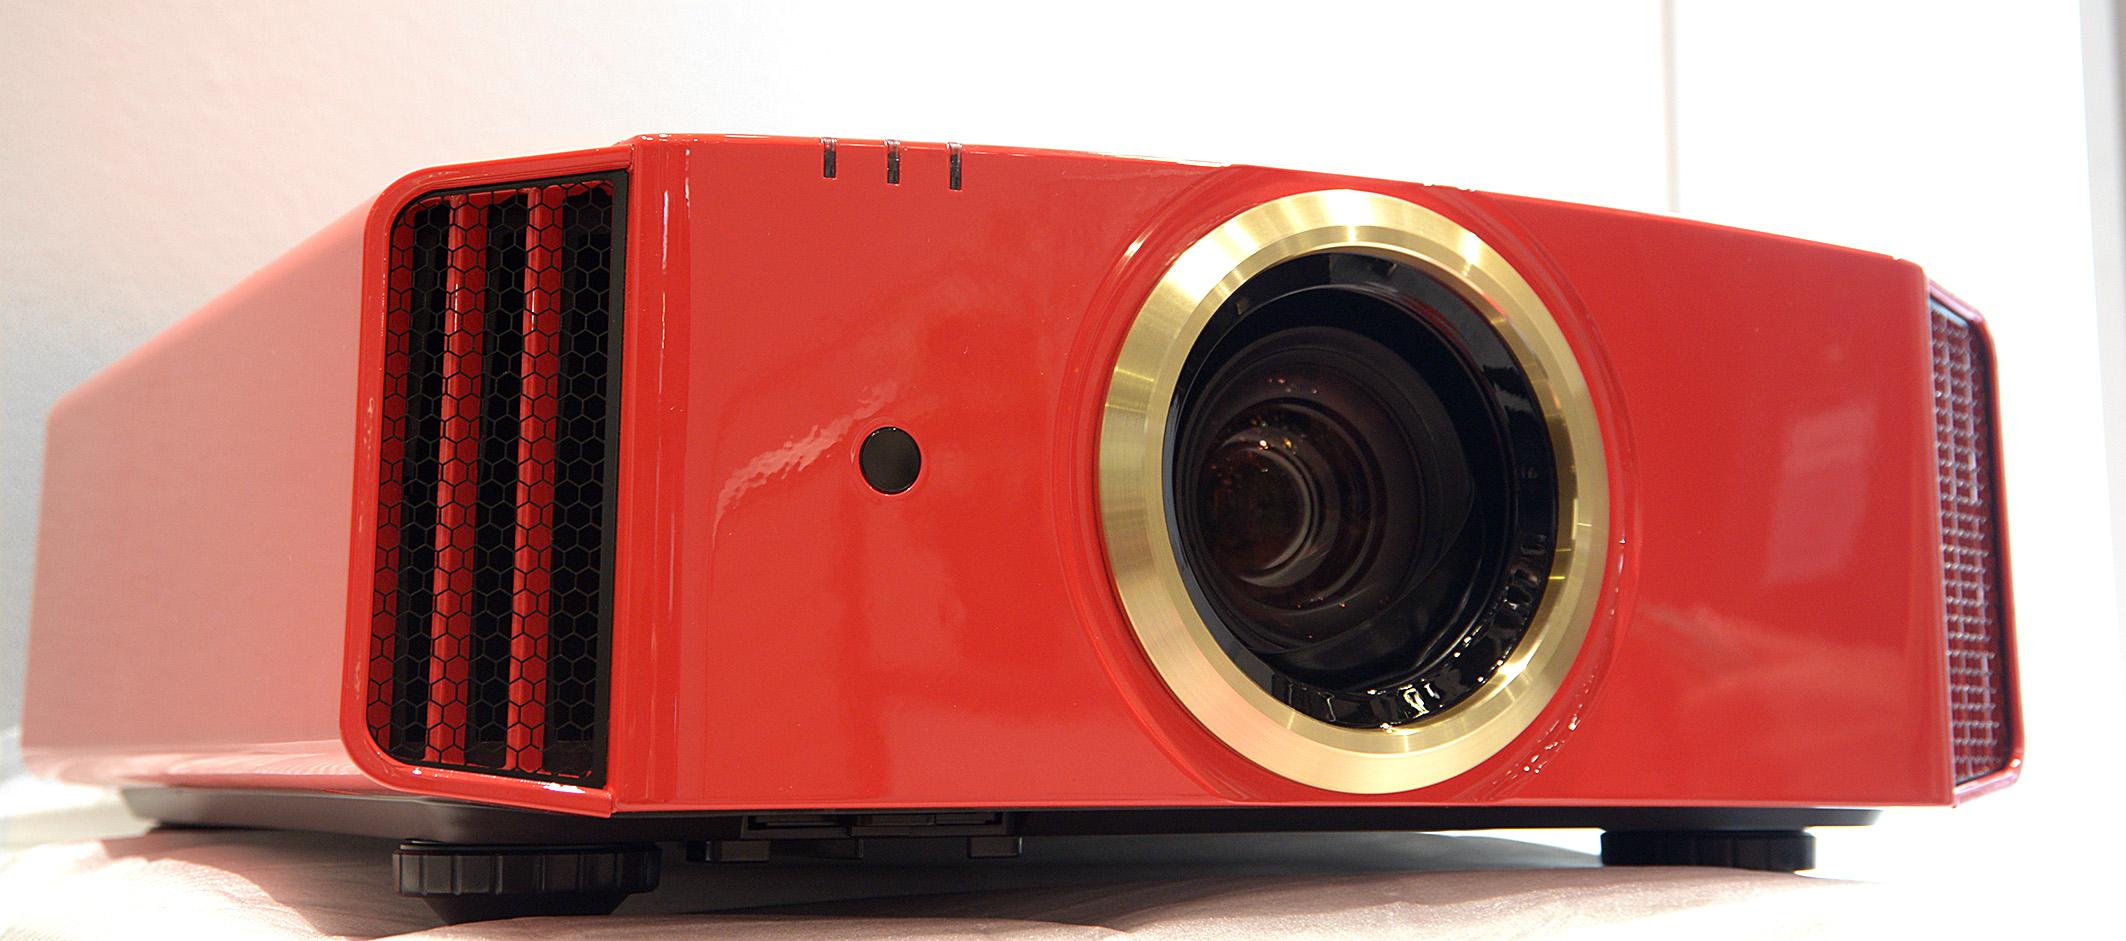 Foto: Michael B. Rehders JVC DLA-20LTD – Zum 20 Jährigen Jubiläum bringt JVC diese Sonderedition heraus. Hierbei handelt es sich um einen Full-HD-Projektor mit 4K-eShift, der auf dem DLA-X9900 aufbaut. Dank noch einmal selektierter Bauteile soll der DLA-20LTD das bestmögliche Bild projizieren unten den aktuellen Full-HD-Heimkinoprojektoren.